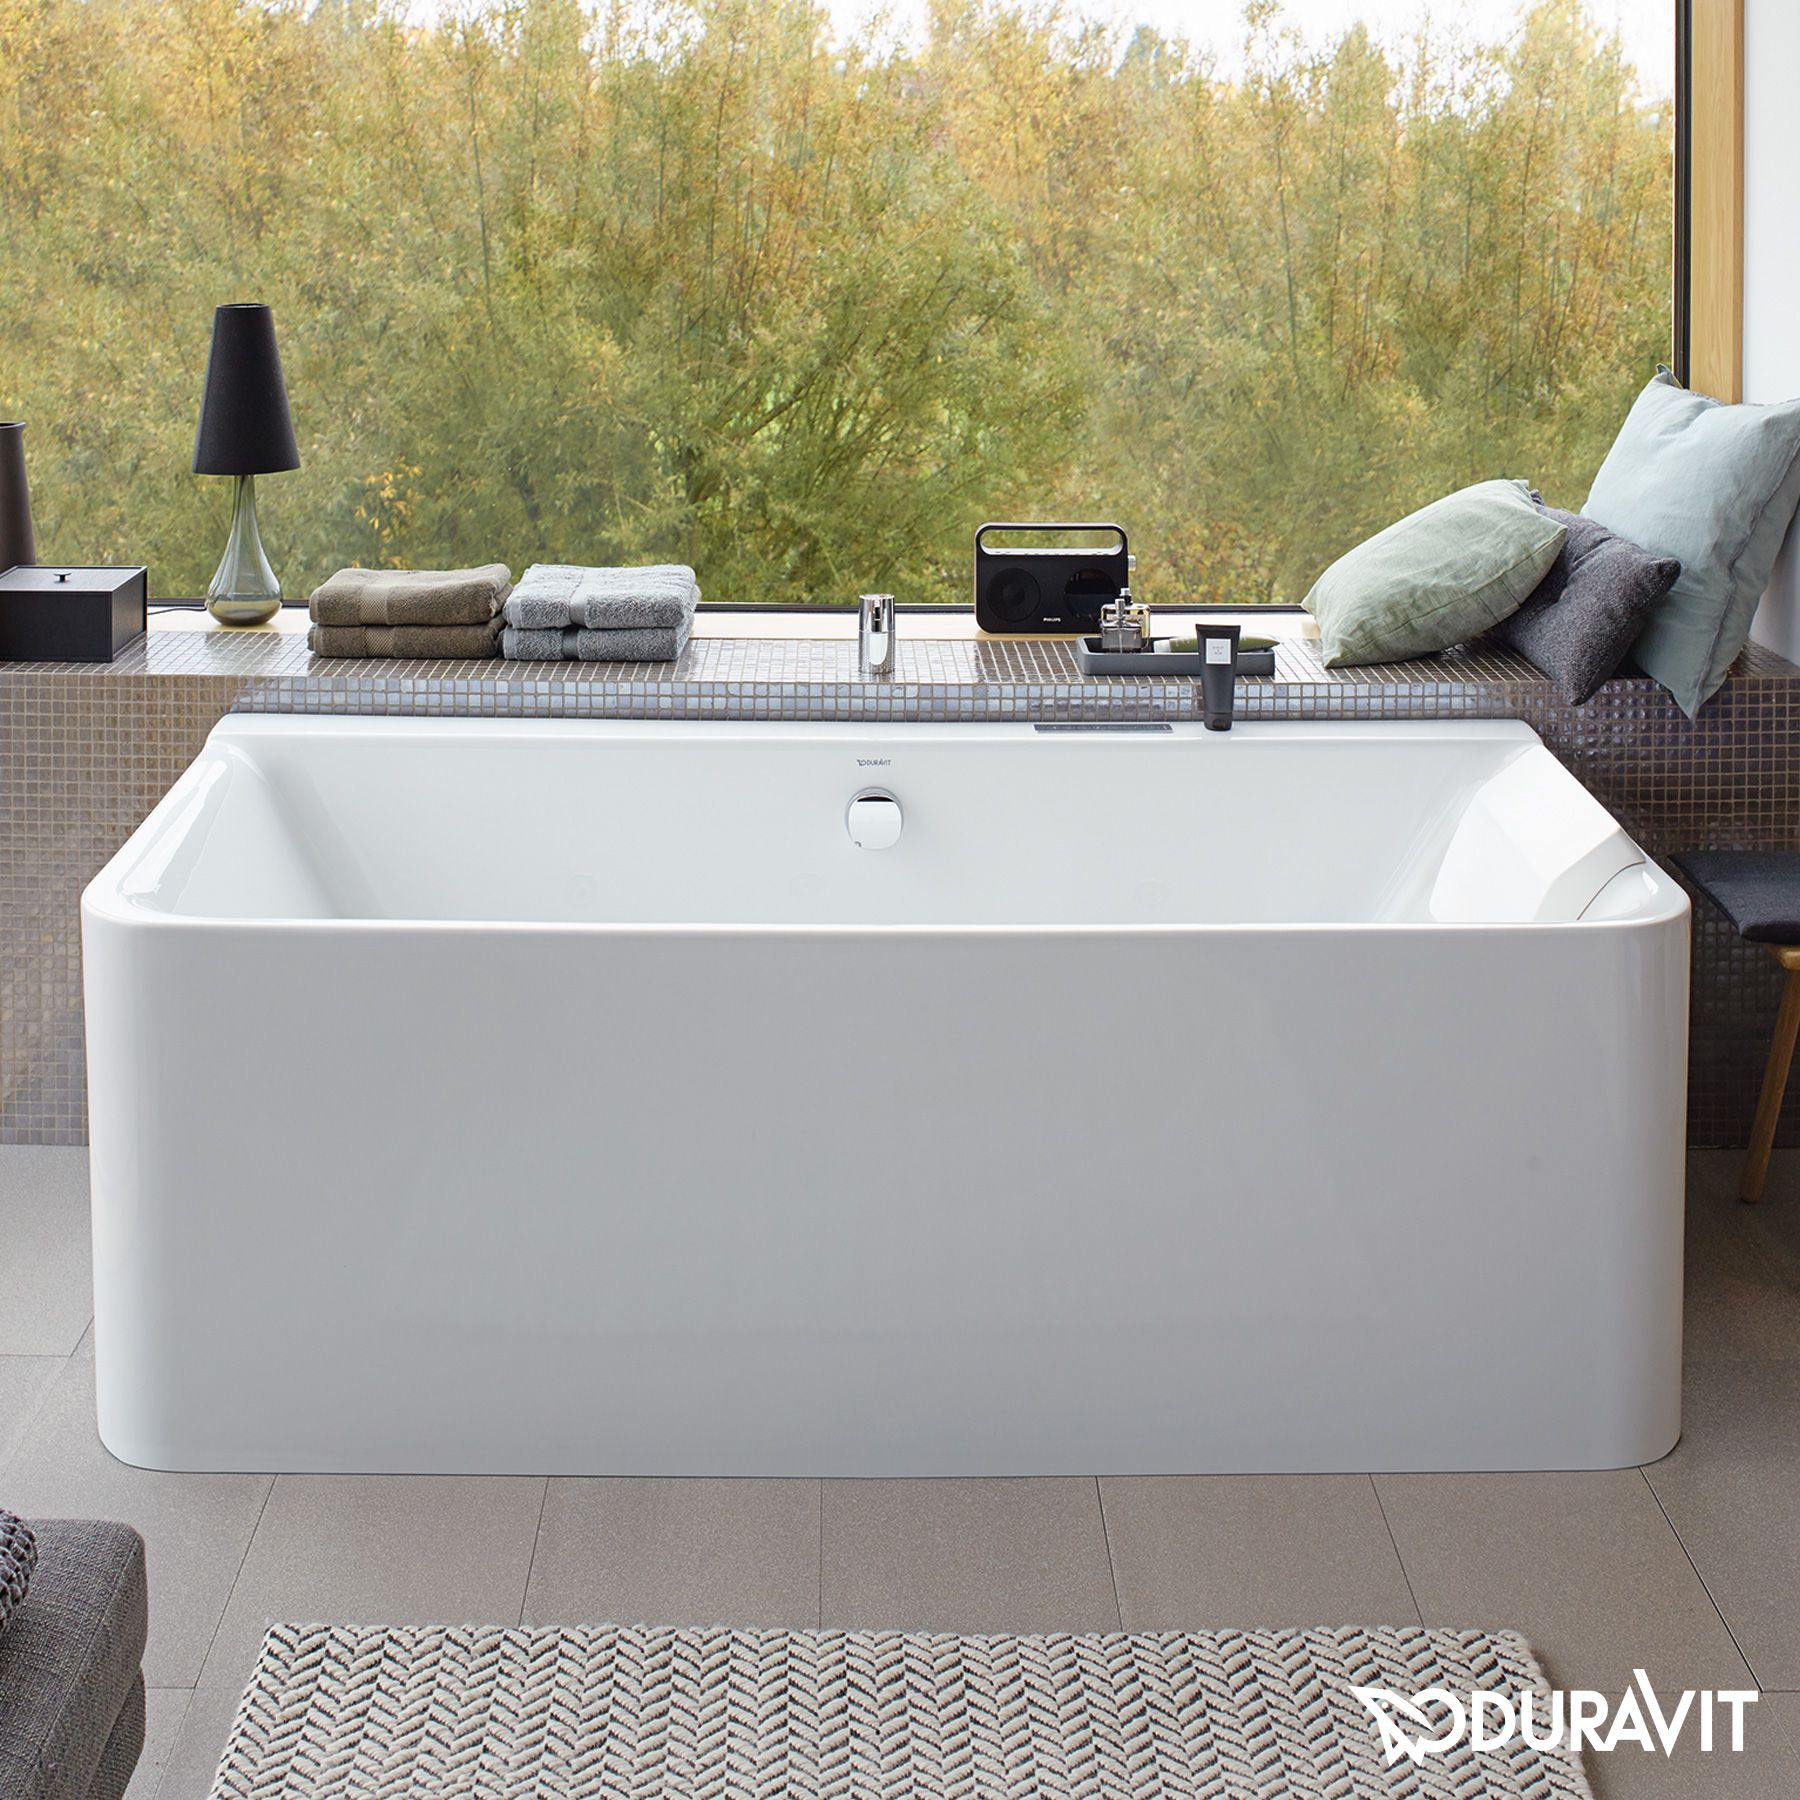 die besten 25 badewanne verkleiden ideen auf pinterest badewanne holz steinverkleidung und. Black Bedroom Furniture Sets. Home Design Ideas